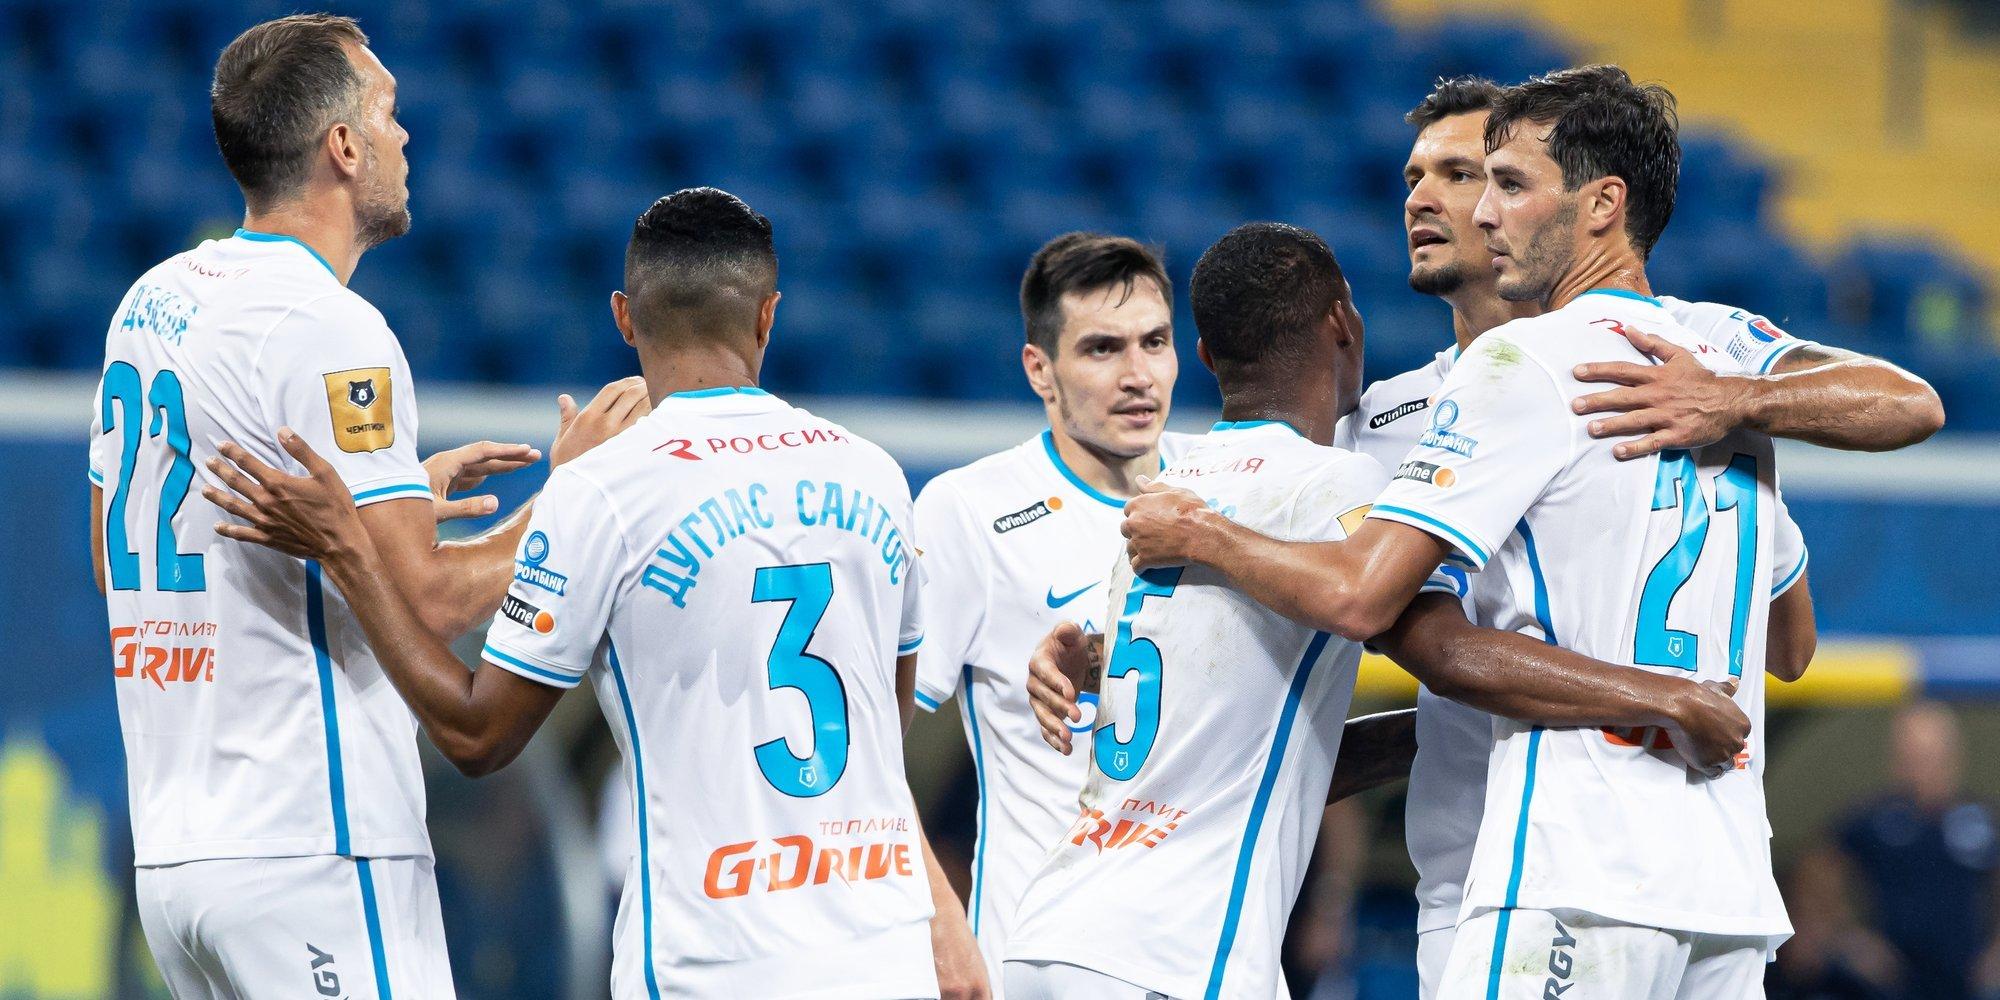 «Зенит» находится на 24-м месте по оценке шансов на триумф в Лиге чемпионов